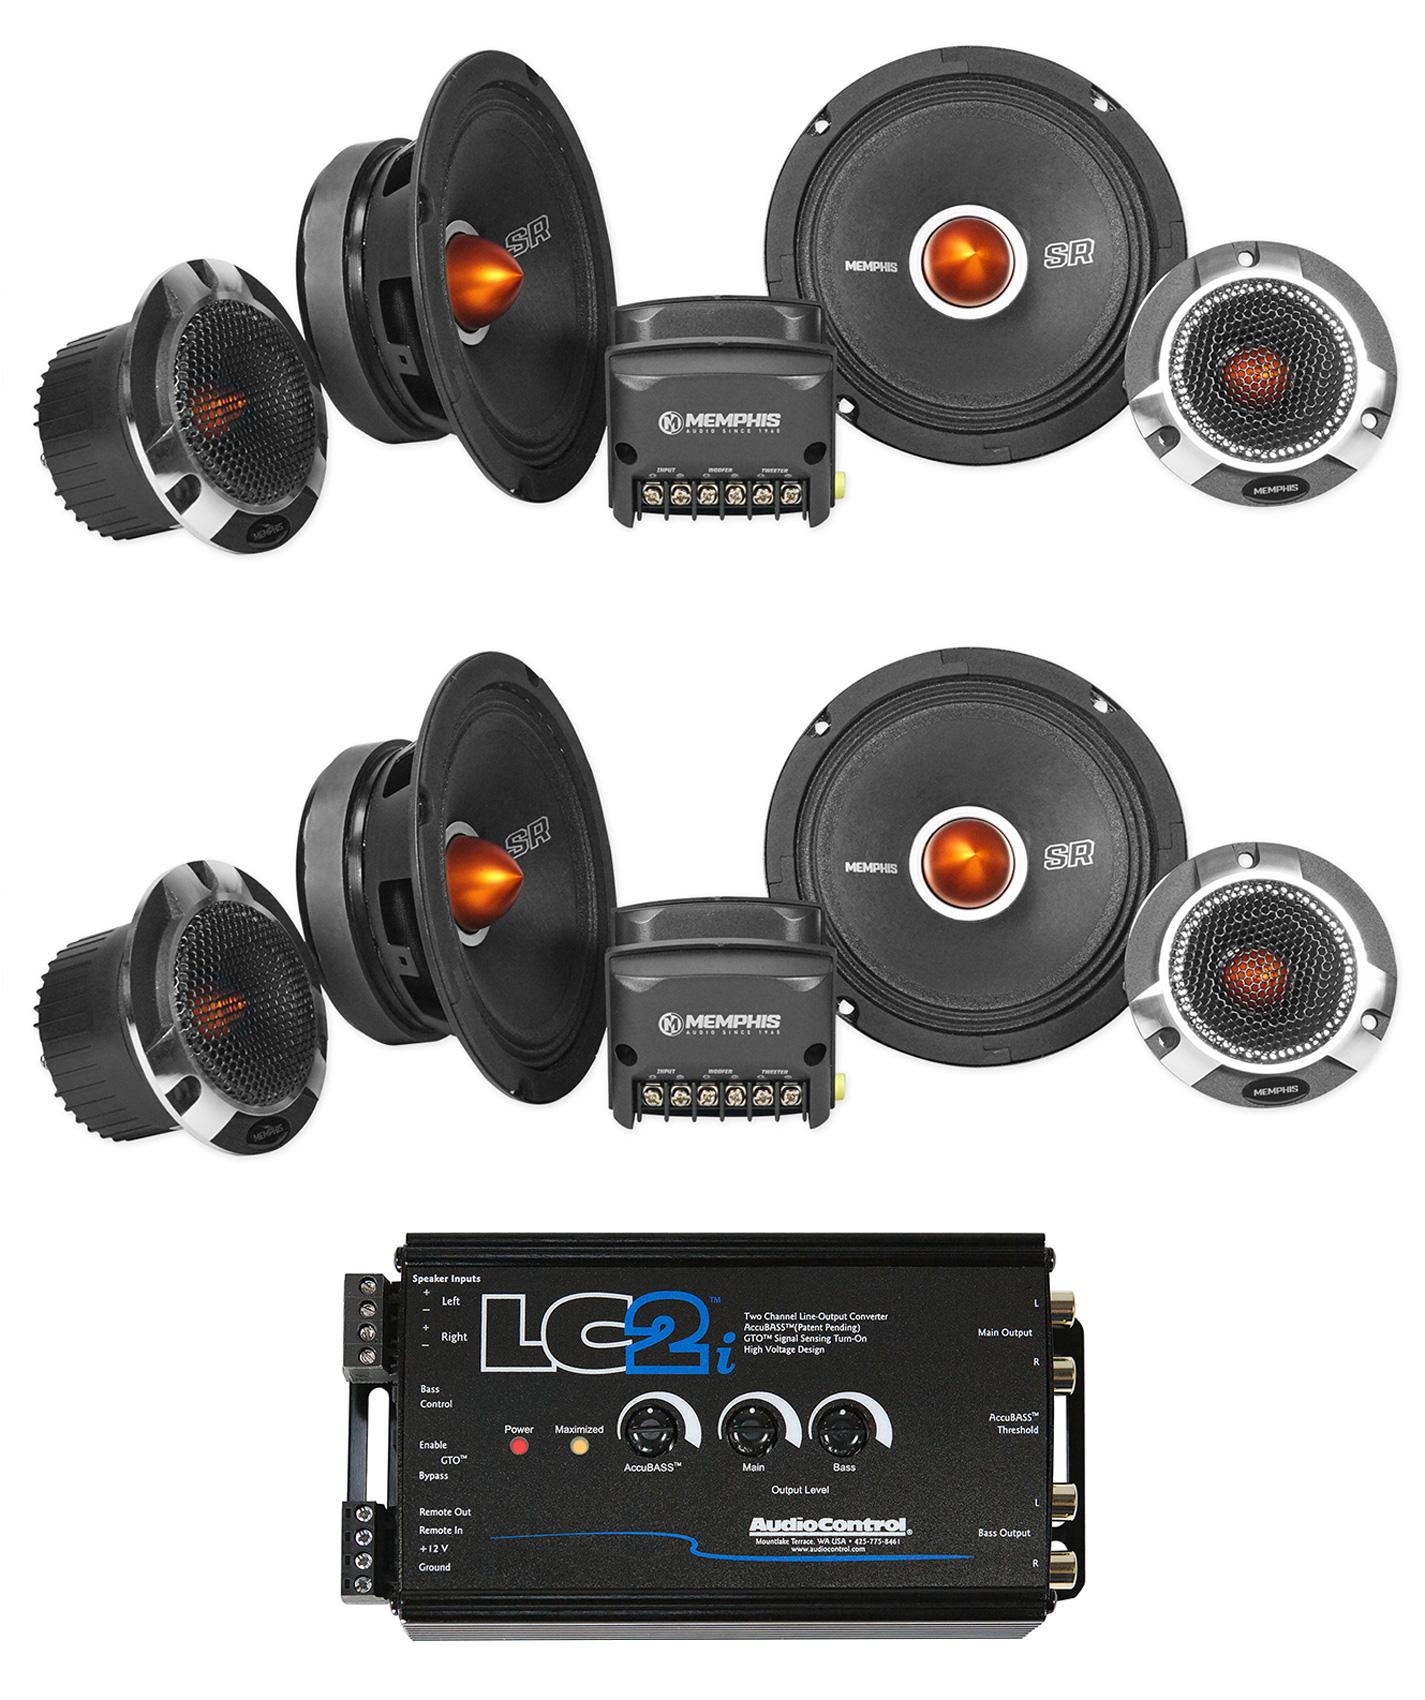 Memphis SRXP62C 6.5 125W RMS 2-Way Component Speakers System